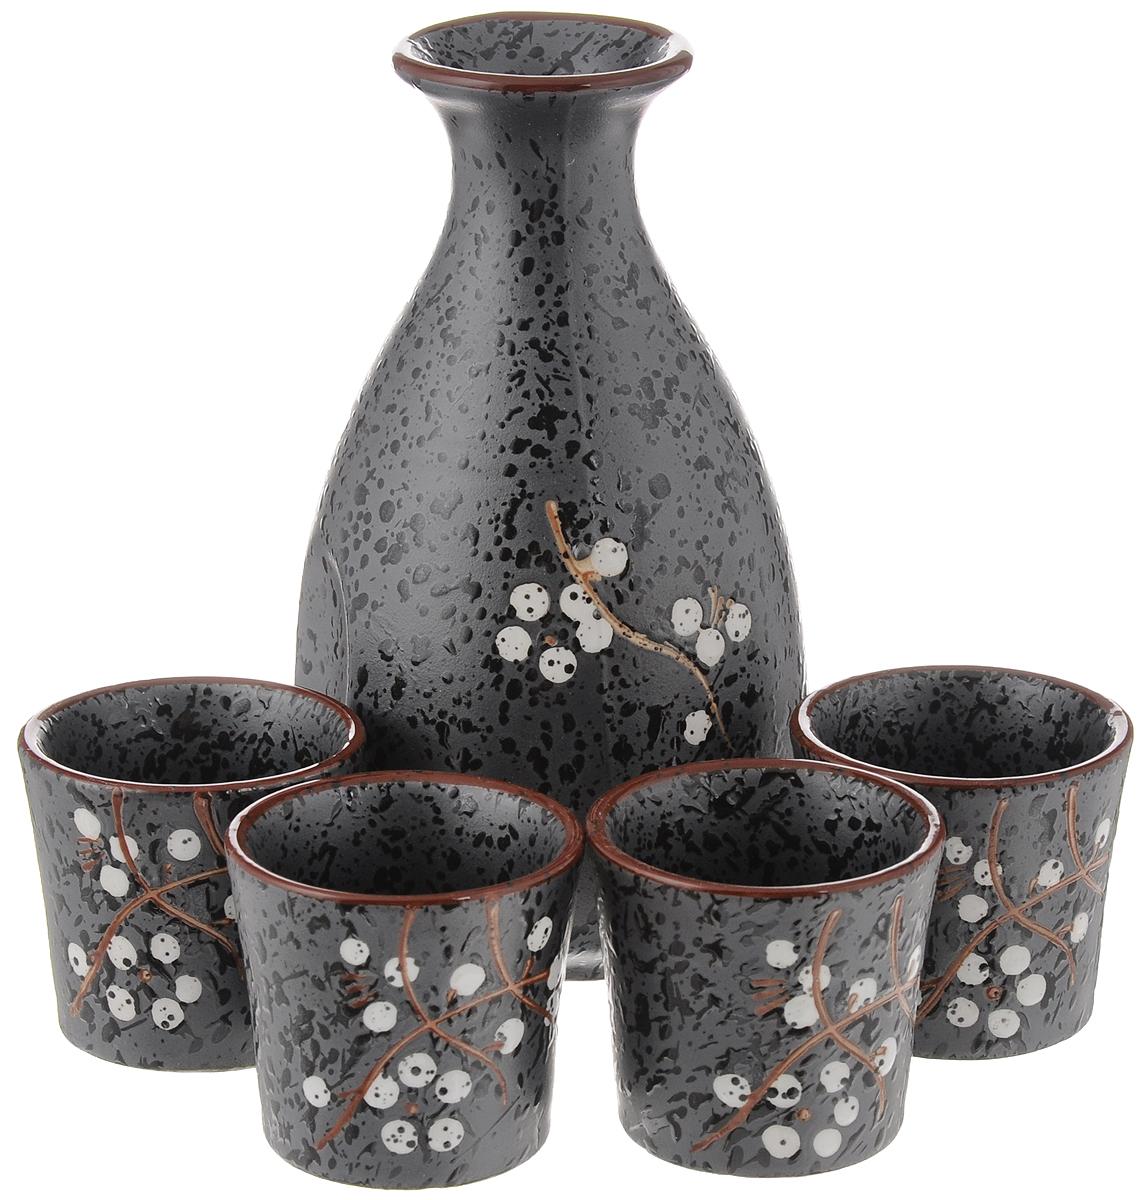 """Набор для саке """"House & Holder"""" состоит из кувшинчика и 4 стопок.  Изделия выполнены из высококачественного фаянса,  оформленного изящным орнаментом. Небольшой кувшинчик  оснащен носиком и сбоку двумя выемками для удобного  захвата.  Набор для саке - это прекрасный подарок для ваших друзей  или родственников, который подарит новые ощущения во  время трапезы, а также придаст вашему интерьеру восточный  колорит.   Диаметр кувшинчика (по верхнему краю): 4,3 см.  Высота кувшинчика: 14 см.  Диаметр стопки (по верхнему краю): 5 см.  Высота стопки: 4,8 см."""